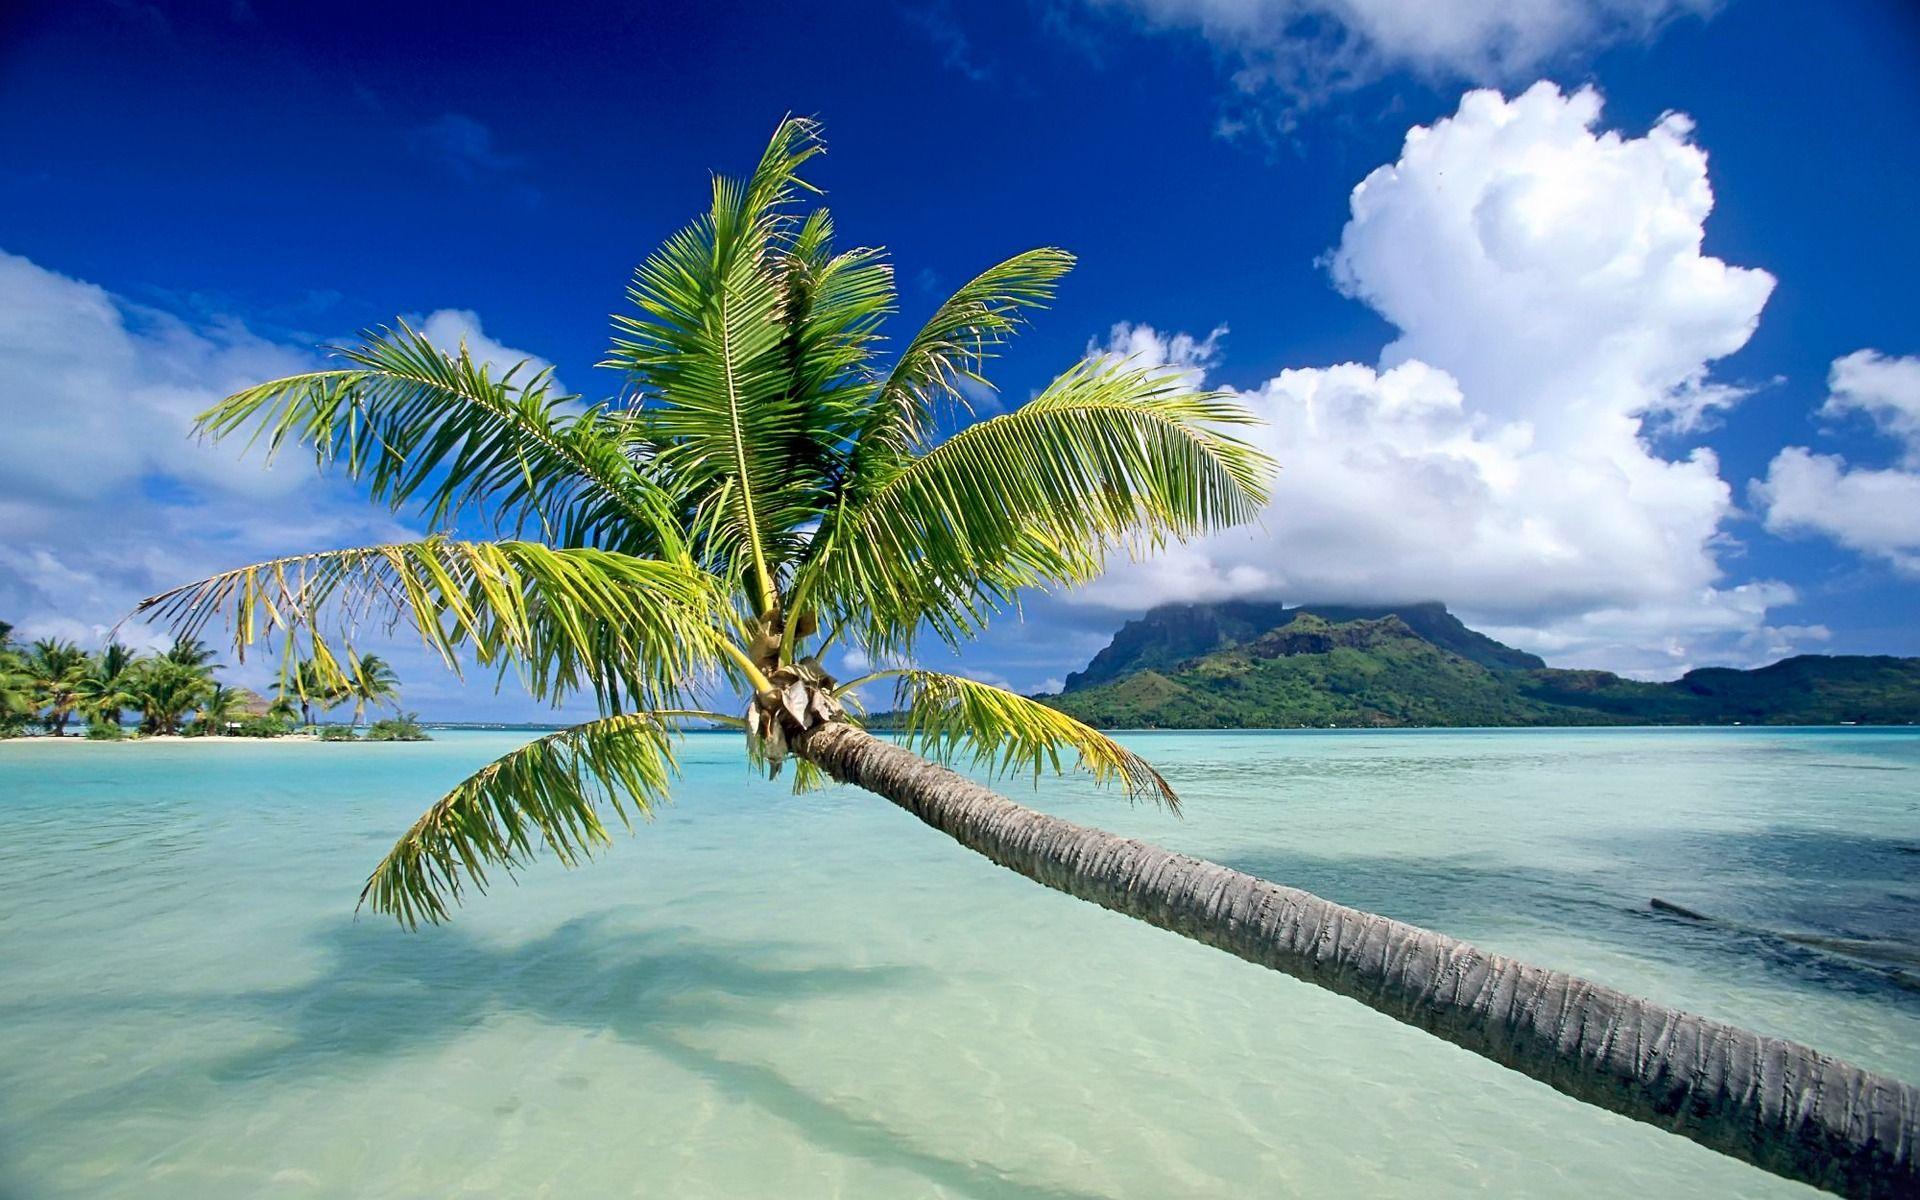 Hd wallpaper beach - Tropical Beach Destination Weddings Http Www Marketplaceweddings Com